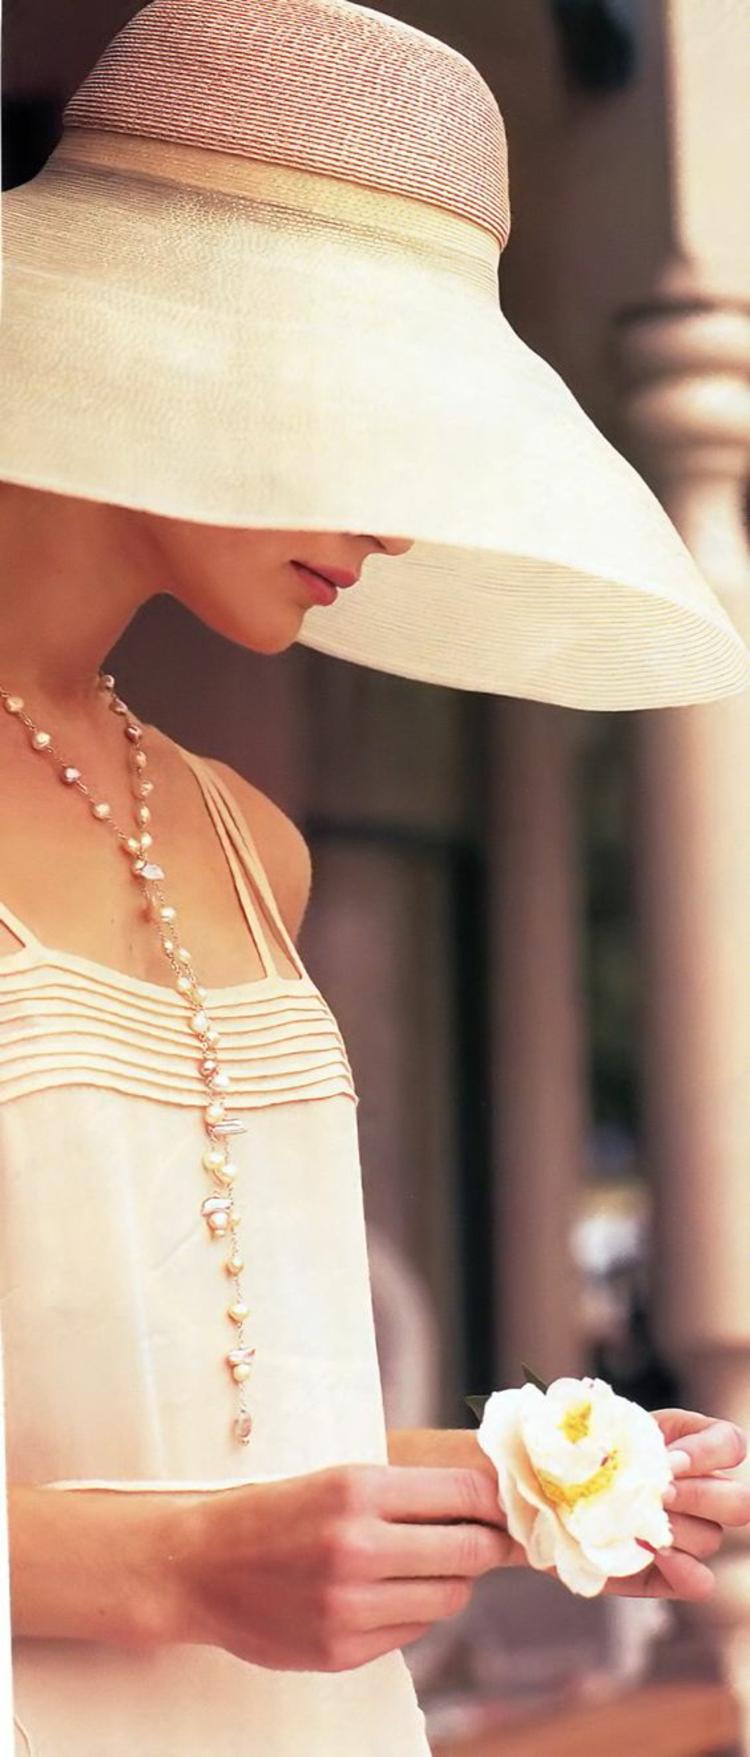 Damenhüte Damenmode und Stylingstipps Retro Damenhut